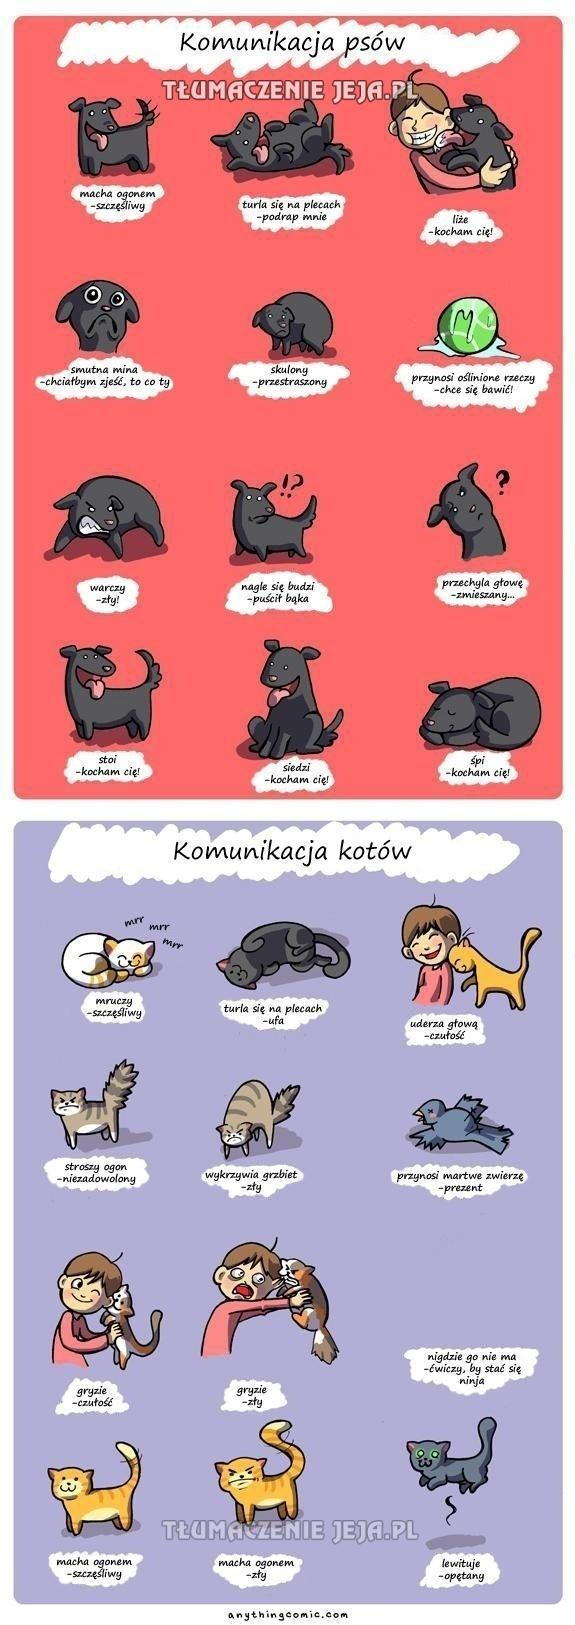 Komunikacja psów i kotów